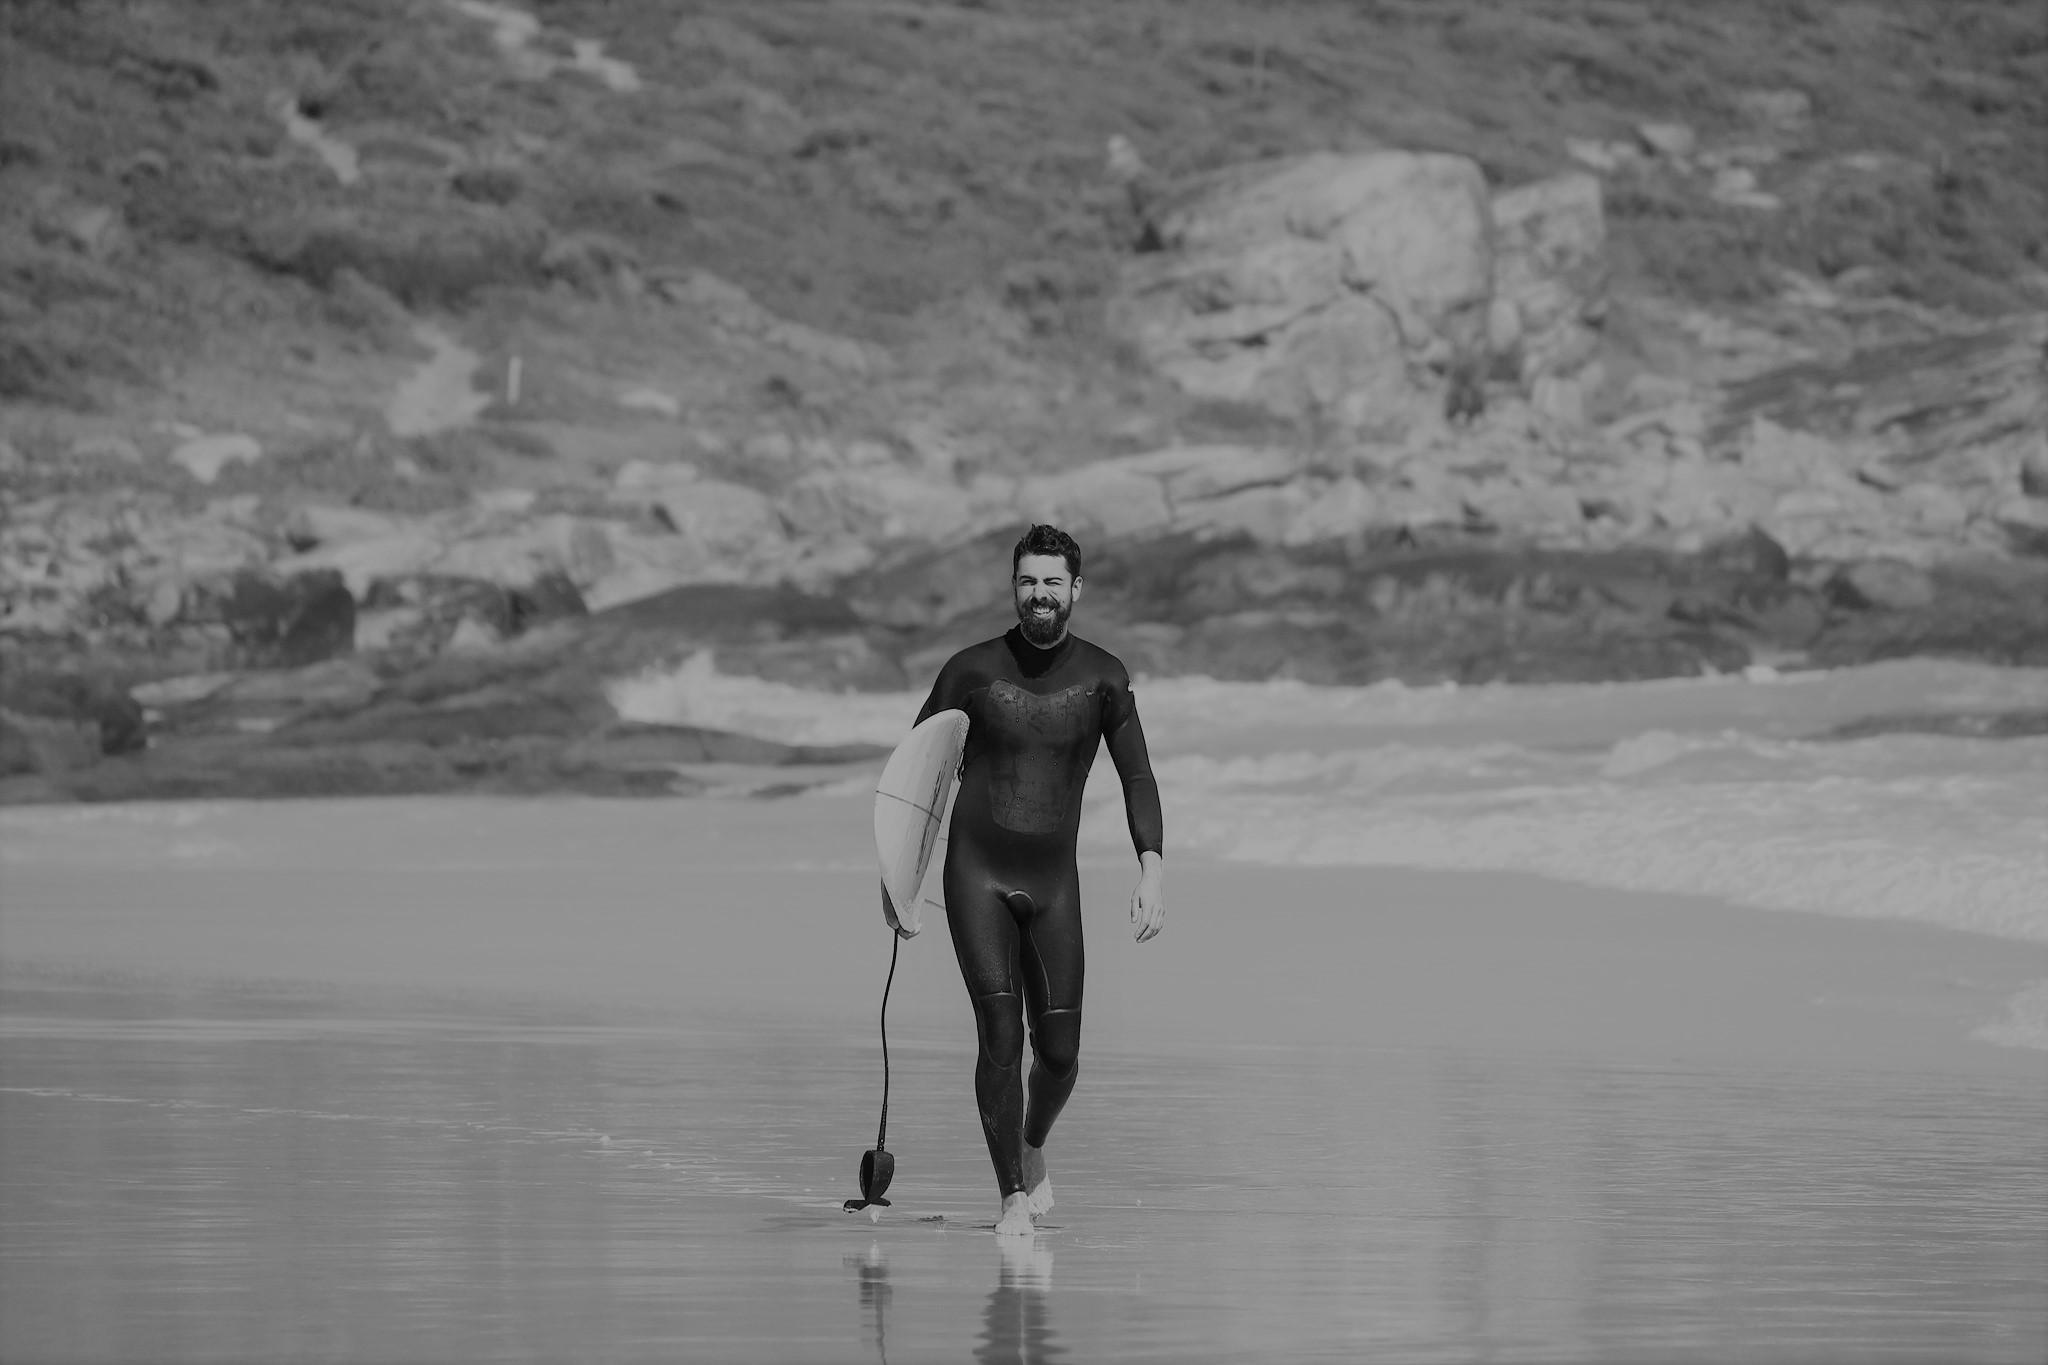 Surf_noirblanc